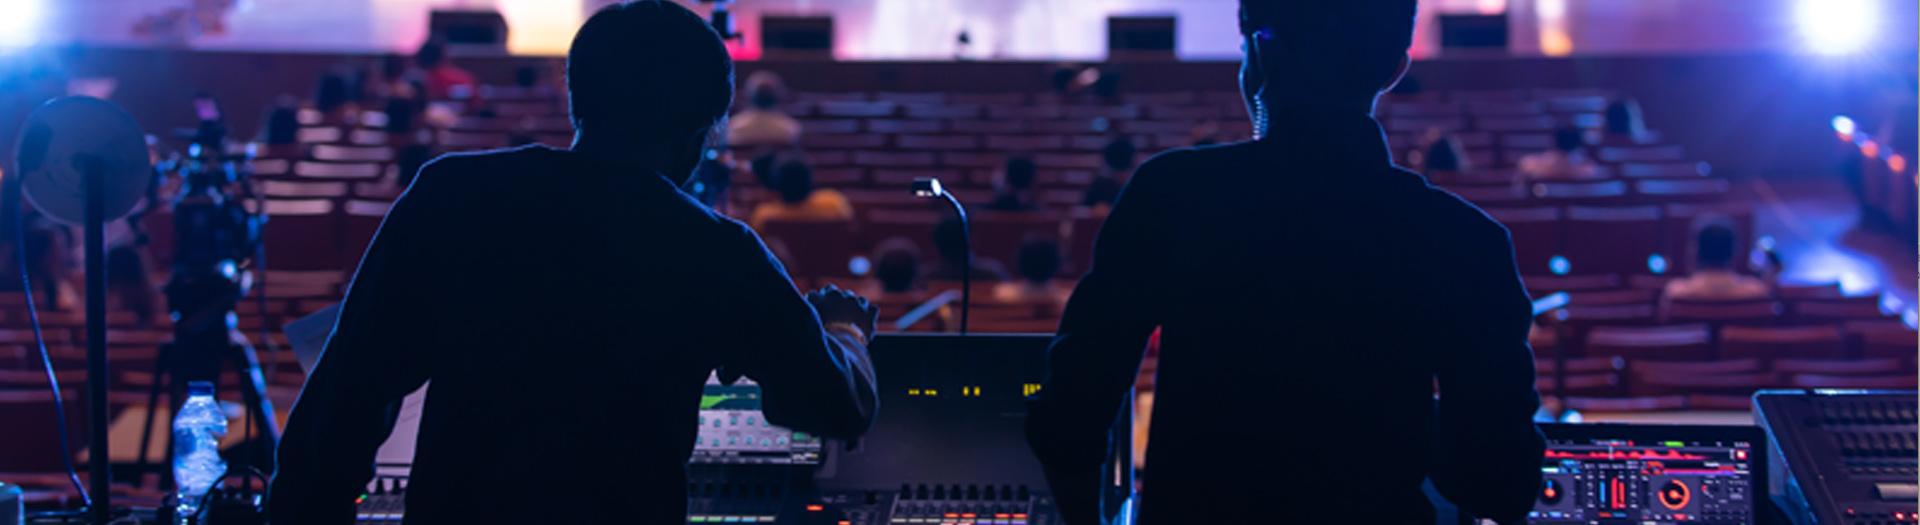 Gestione di qualsiasi tipo di service Audio Video con tecnici altamente qualificati